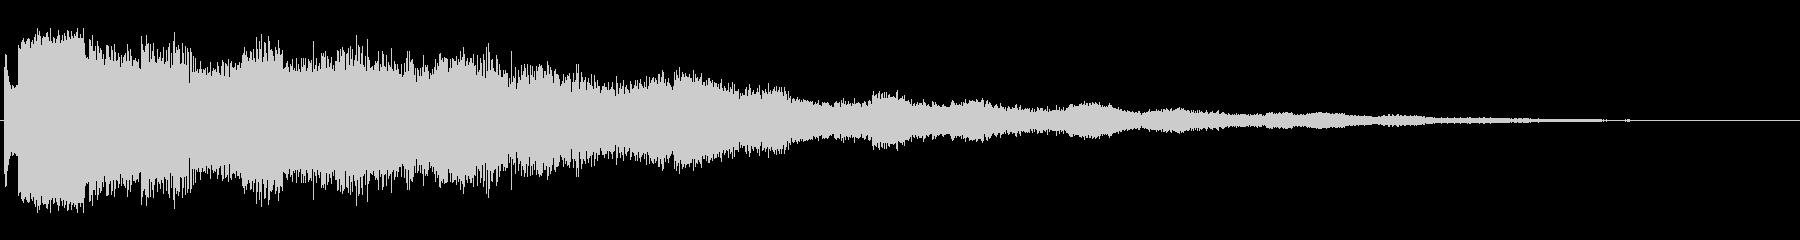 ビープスクランブル、ミディアムの未再生の波形